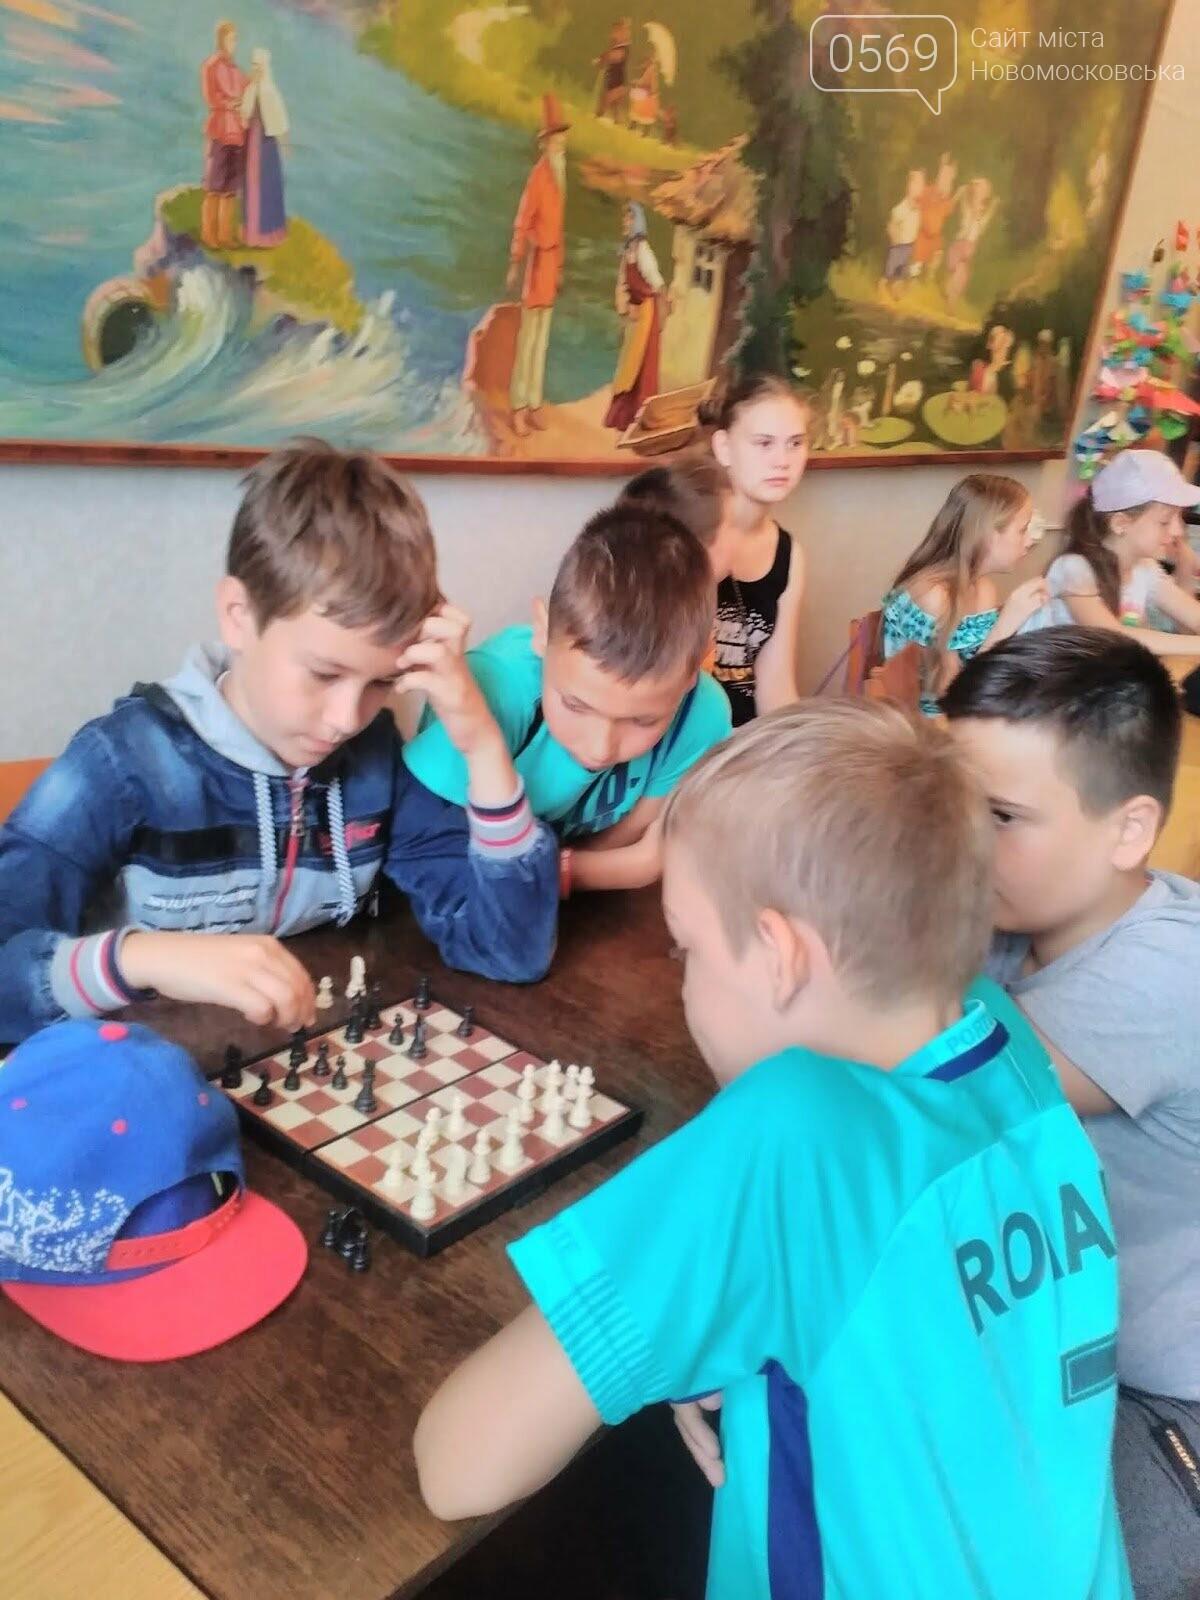 Новомосковські школярі пройшли оздоровчий квест , фото-2